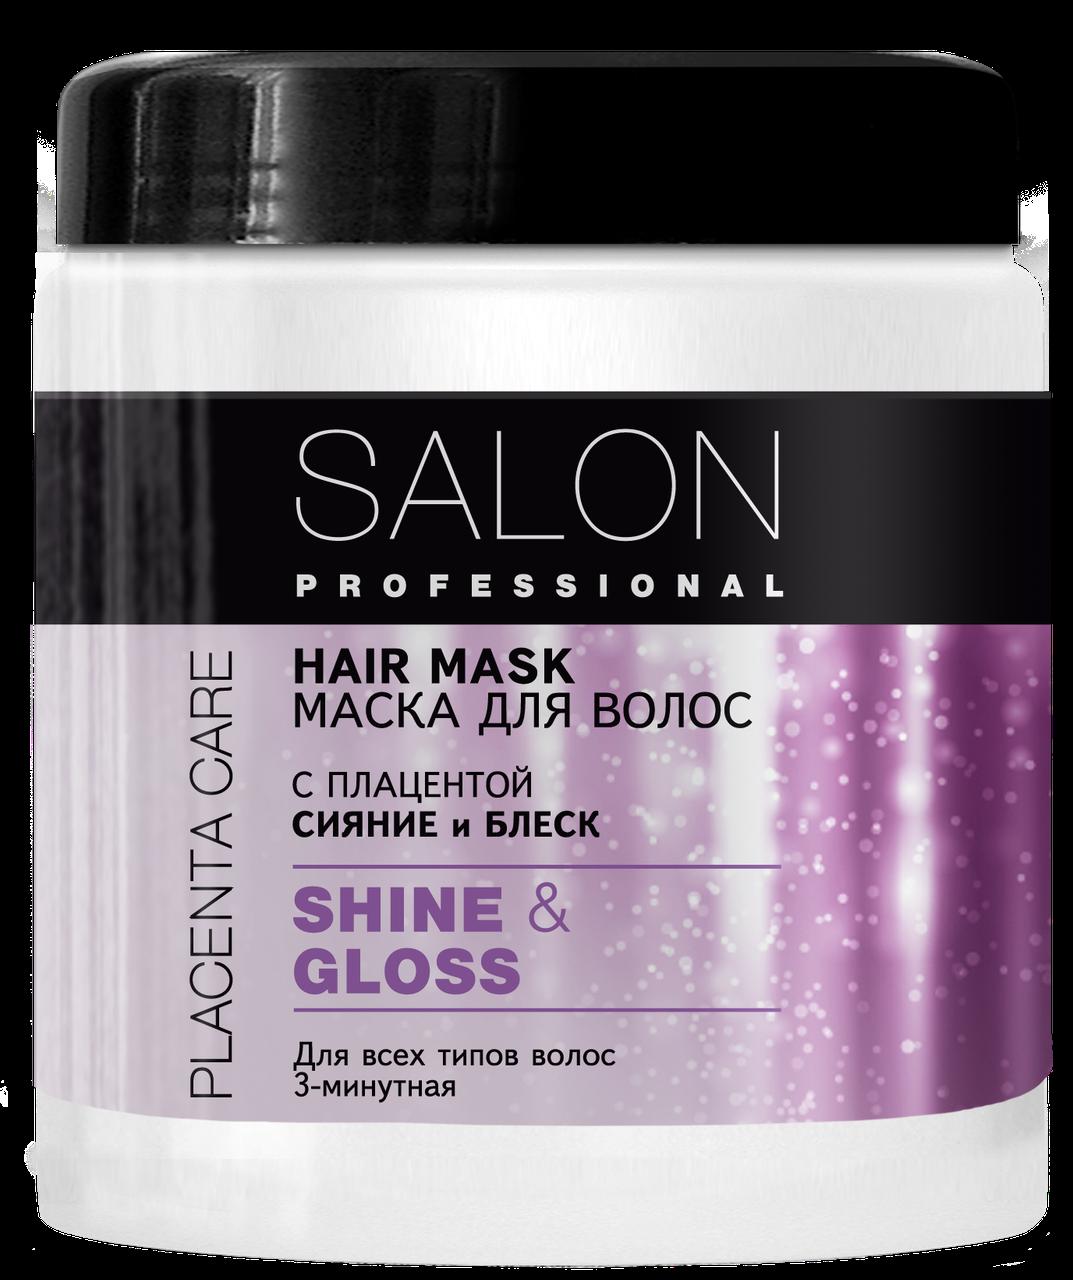 """Маска  3- минутная для всех типов волос с плацентой Сияние и блеск  ТМ """"Salon Professional"""" , 500мл"""